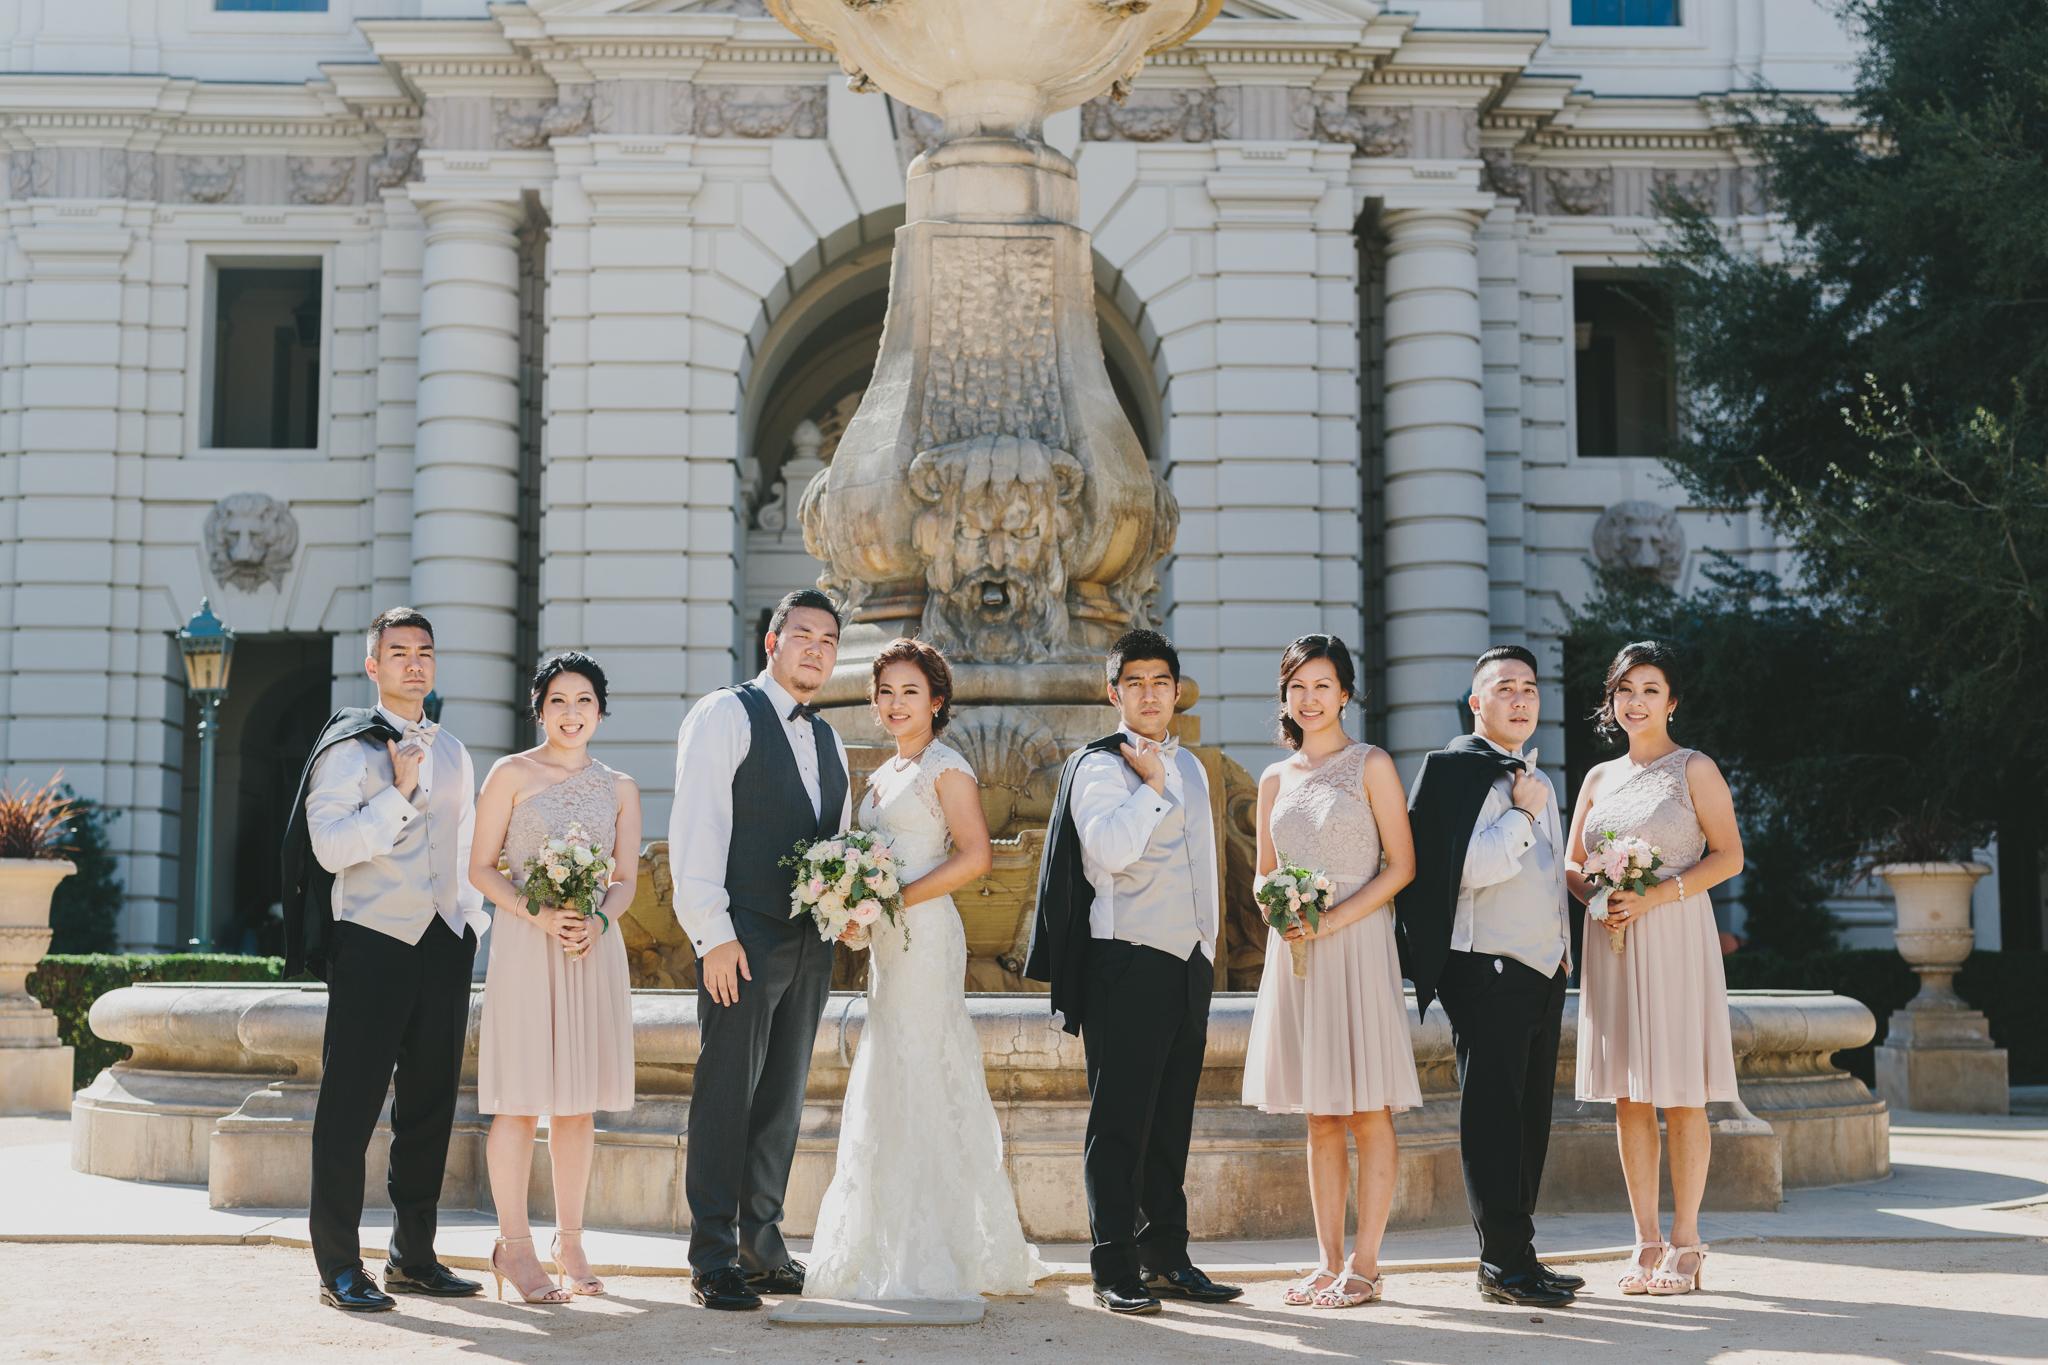 rl-Wedding-Portraits-Som+Yusuke-22.jpg